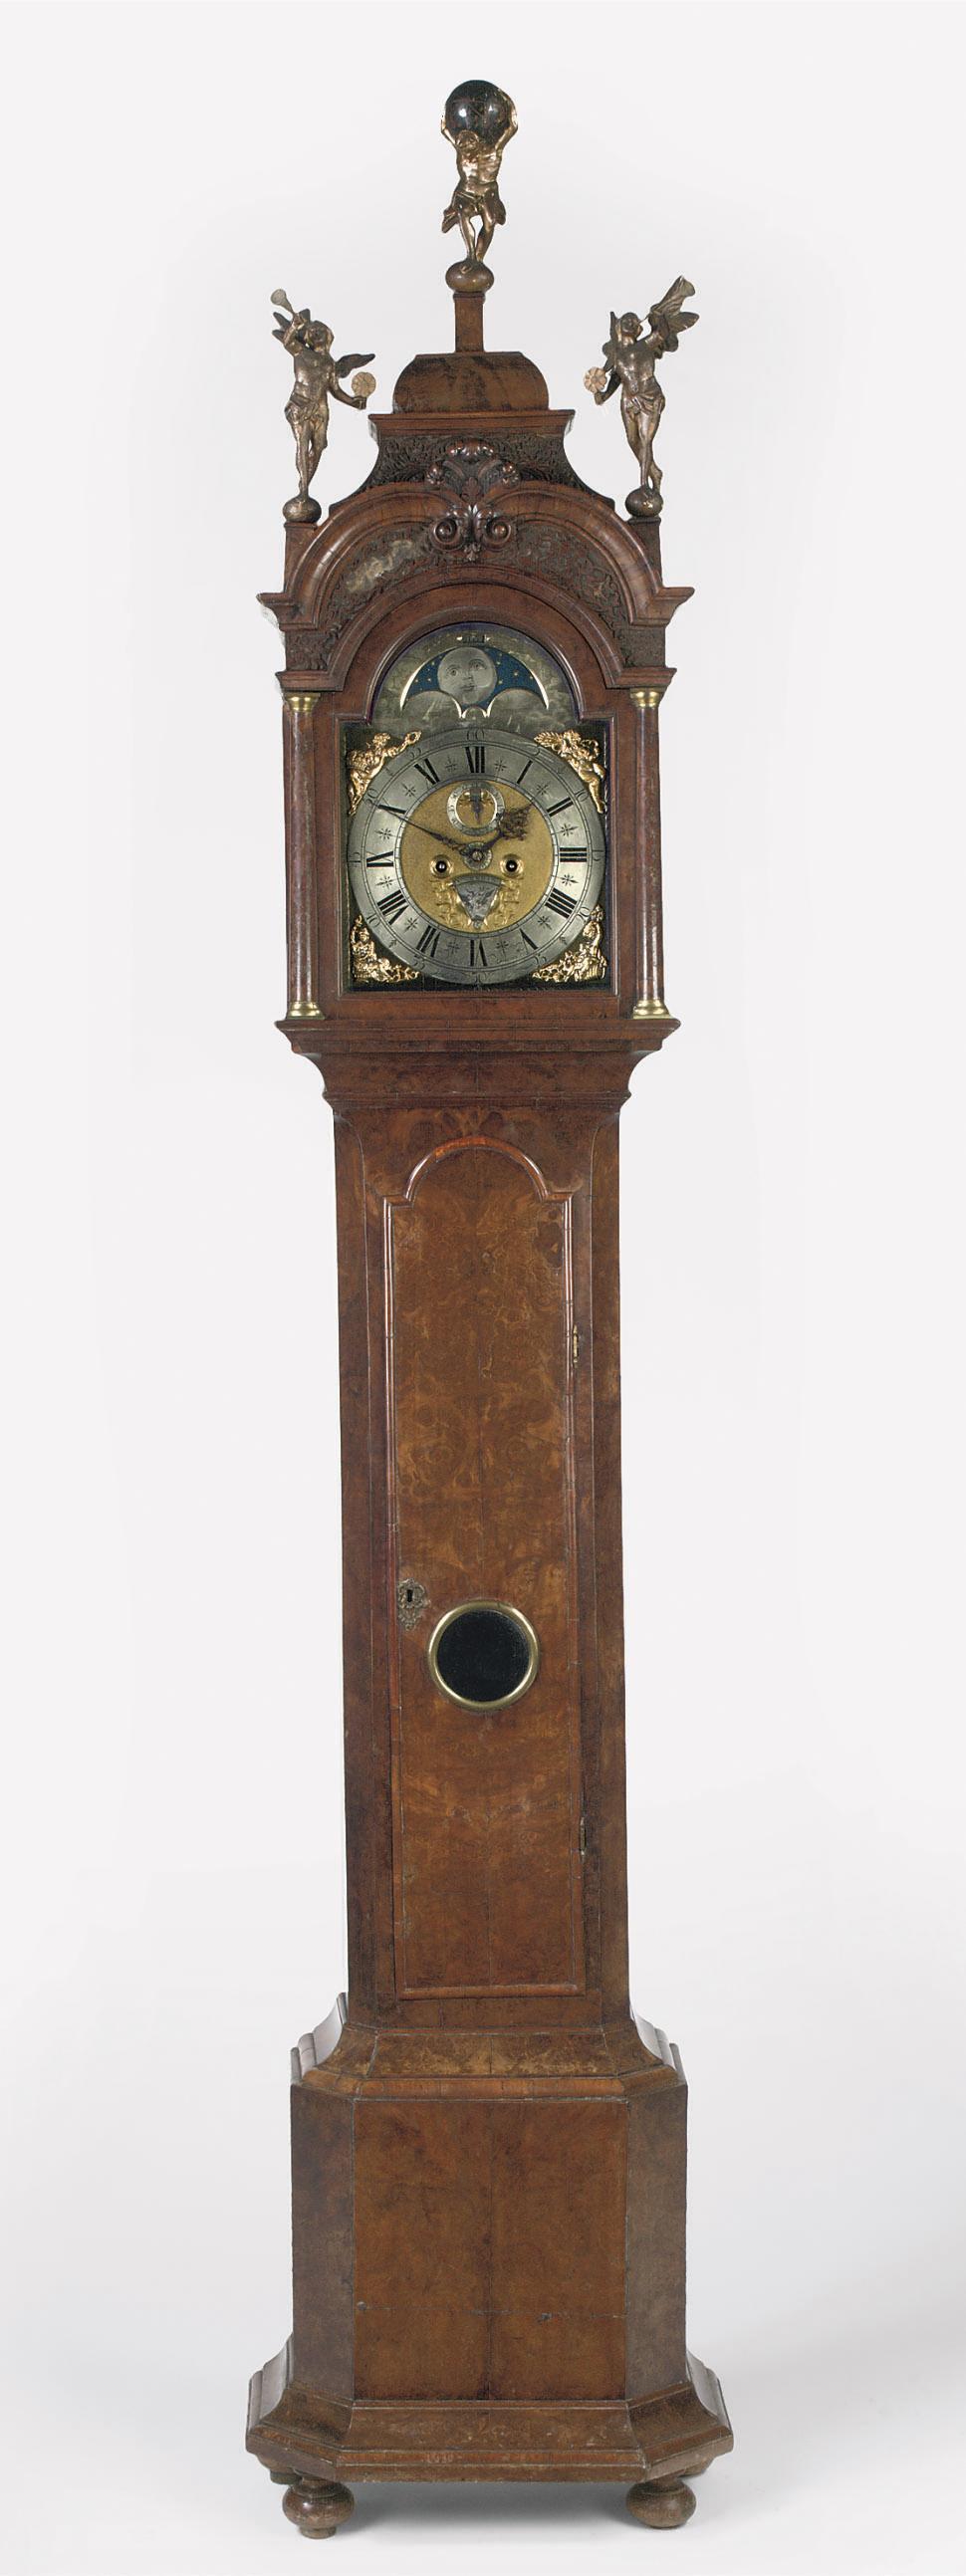 A DUTCH BURR-WALNUT LONGCASE CLOCK